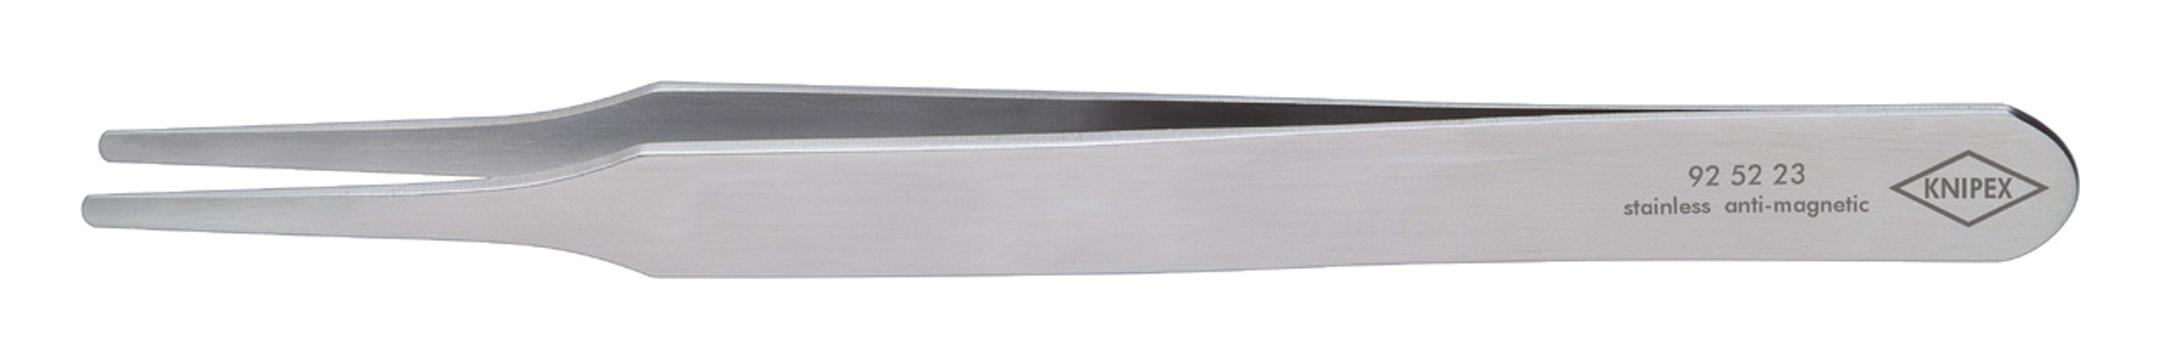 Knipex Präzisions-Pinzette rund 2mm 120mm rostfrei - 92 52 23